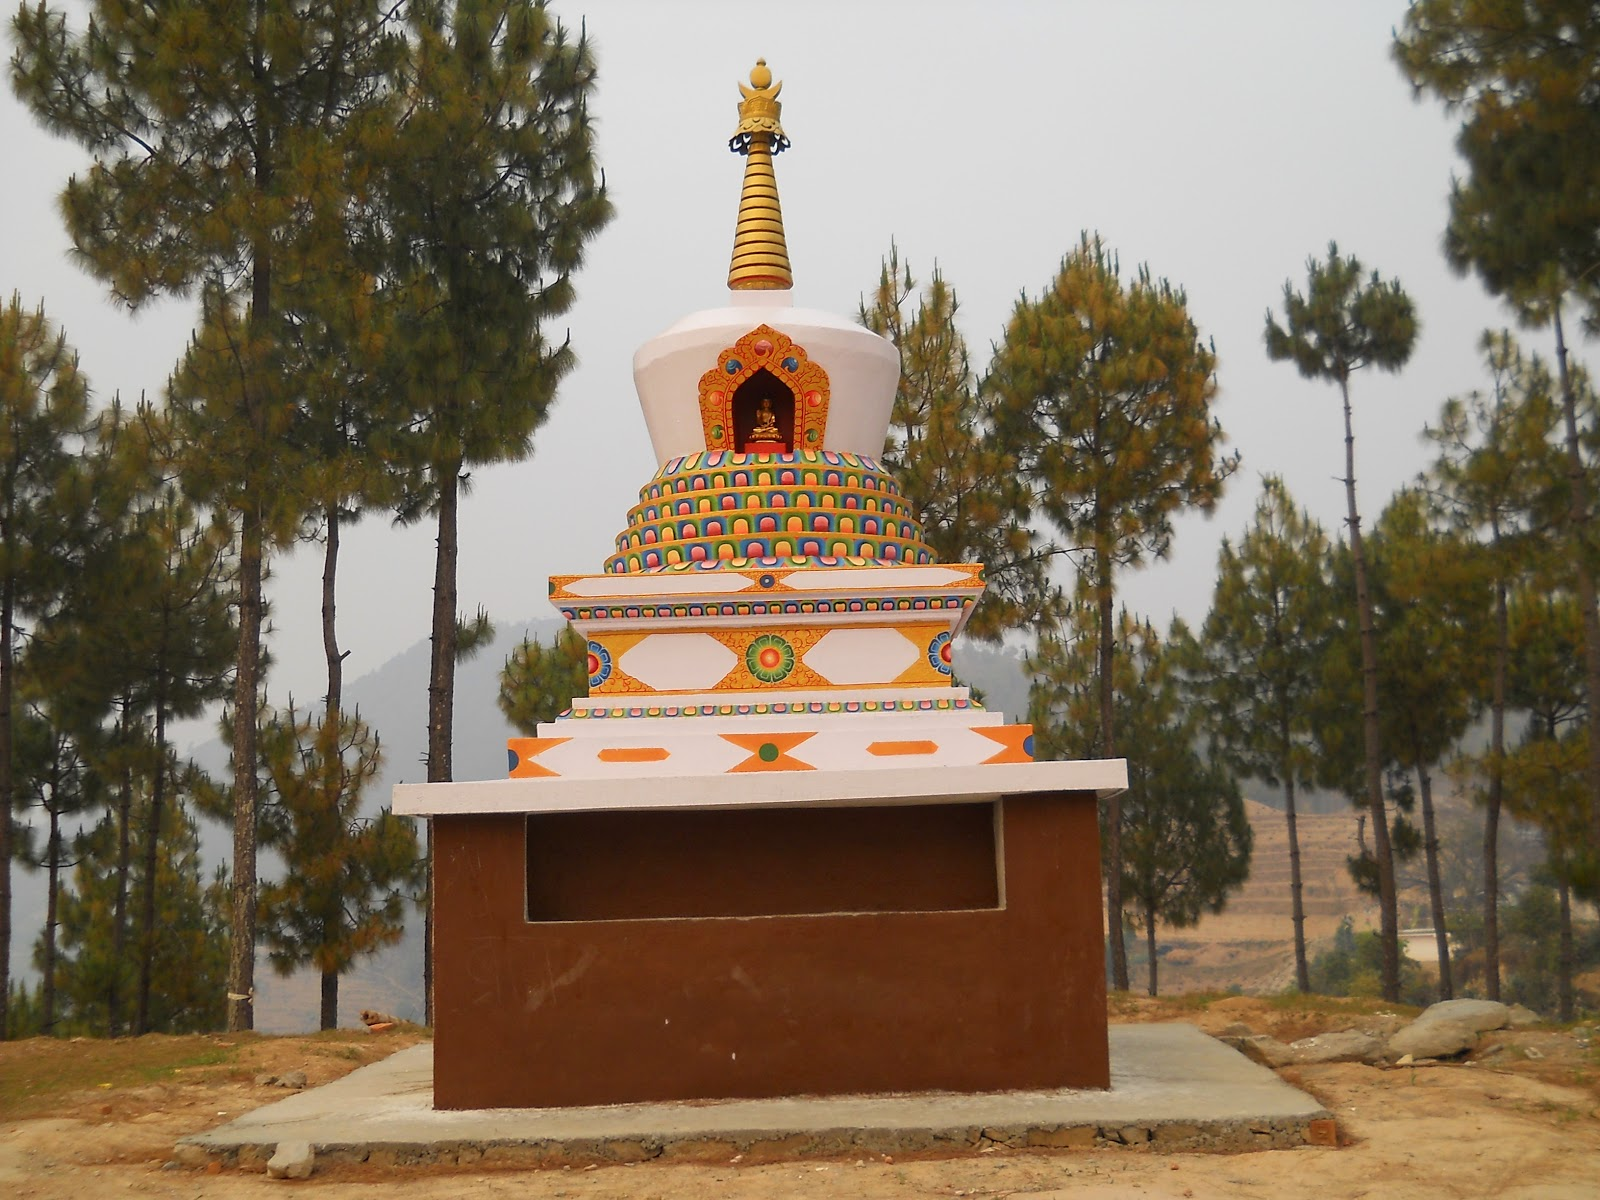 Pepung Stupa (Lotus Stupa), Nuwakot District, Nepal (built by Losang Namgyal Rinpoche)